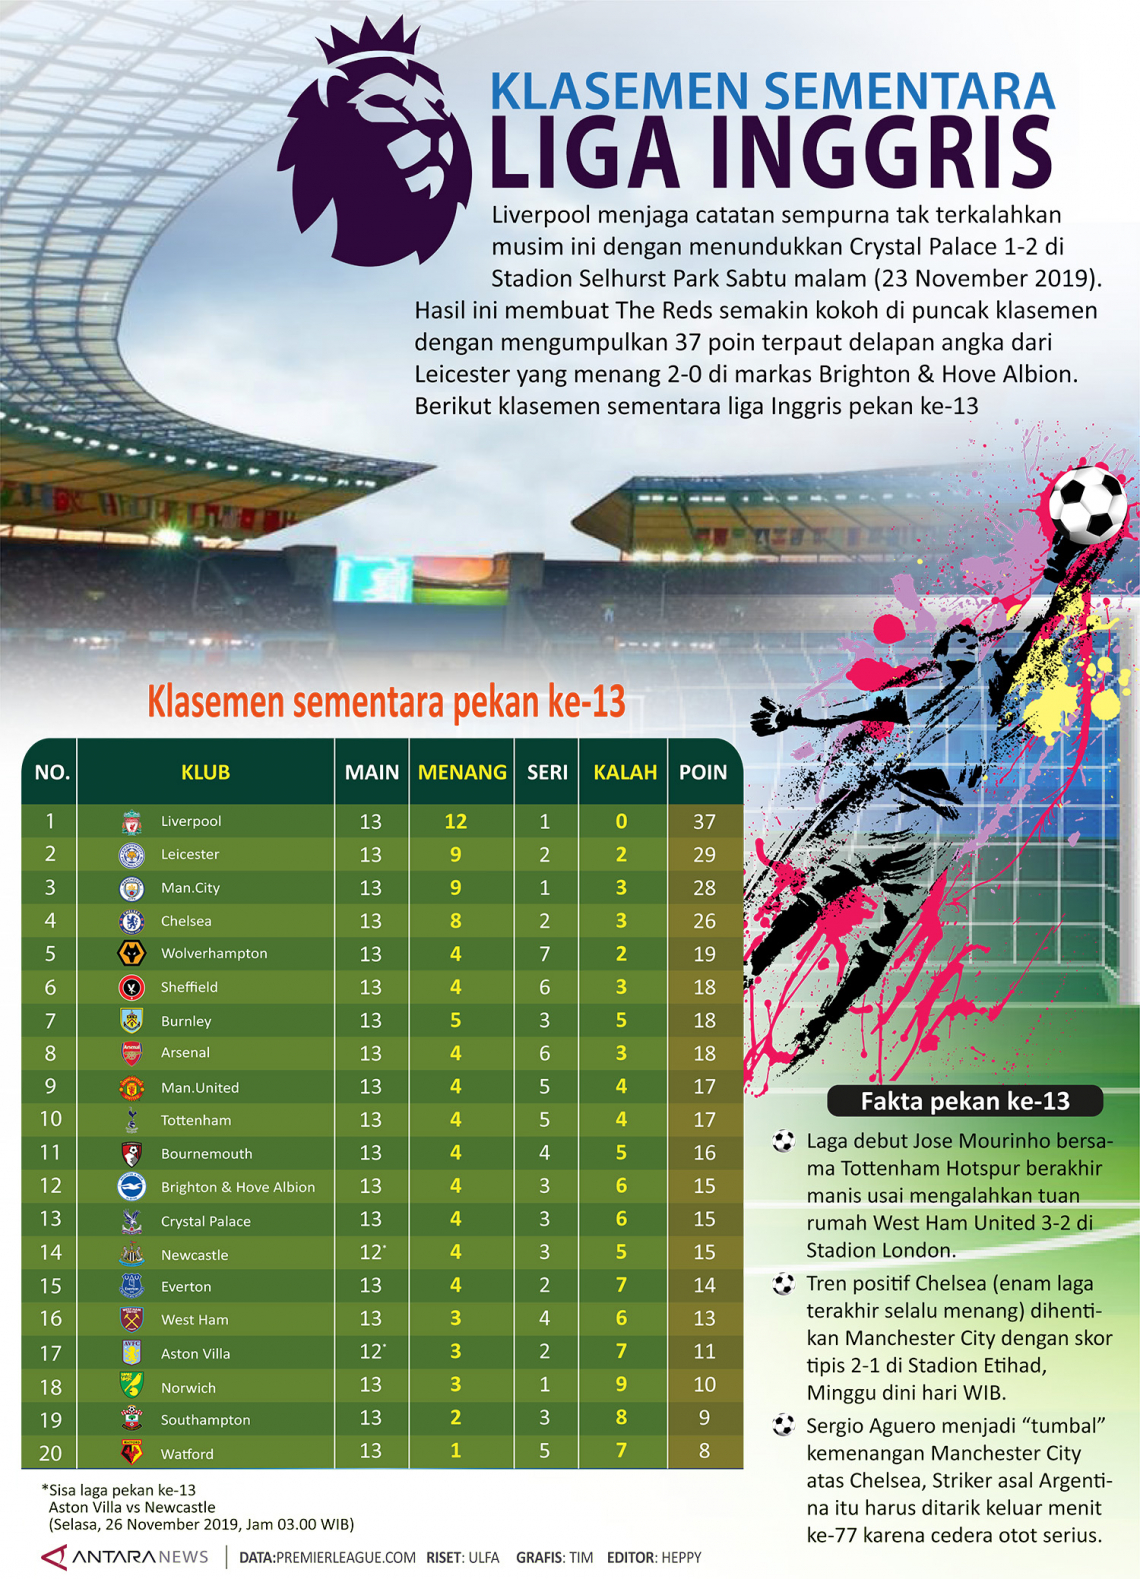 Klasemen sementara Liga Inggris pekan ke-13